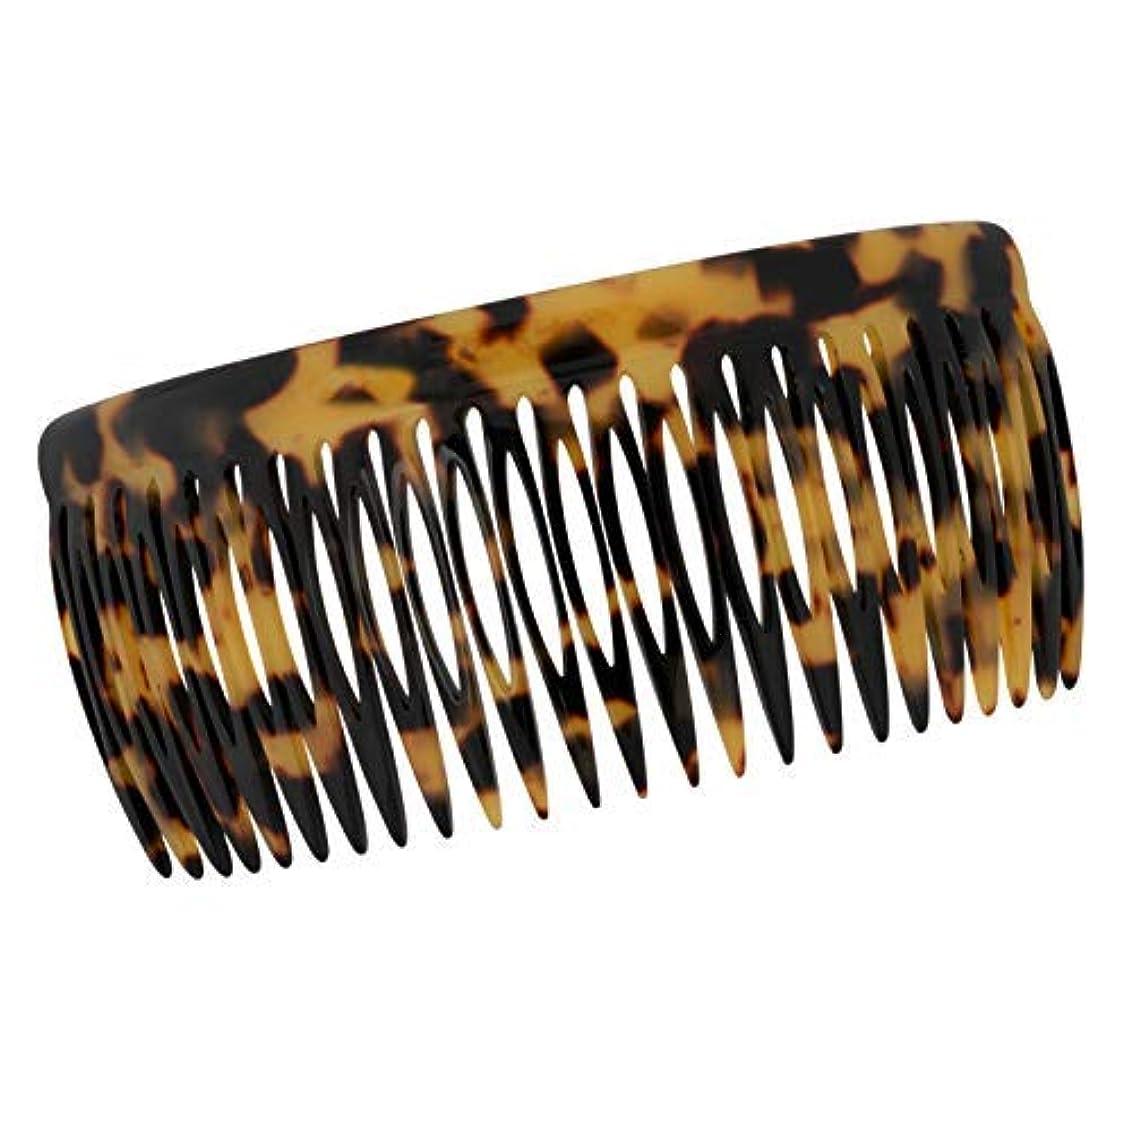 機会労働ナイロンCharles J. Wahba Long Classic Long Side Comb - 24 Teeth - Handmade in France (Tokyo Tortoise Color) [並行輸入品]